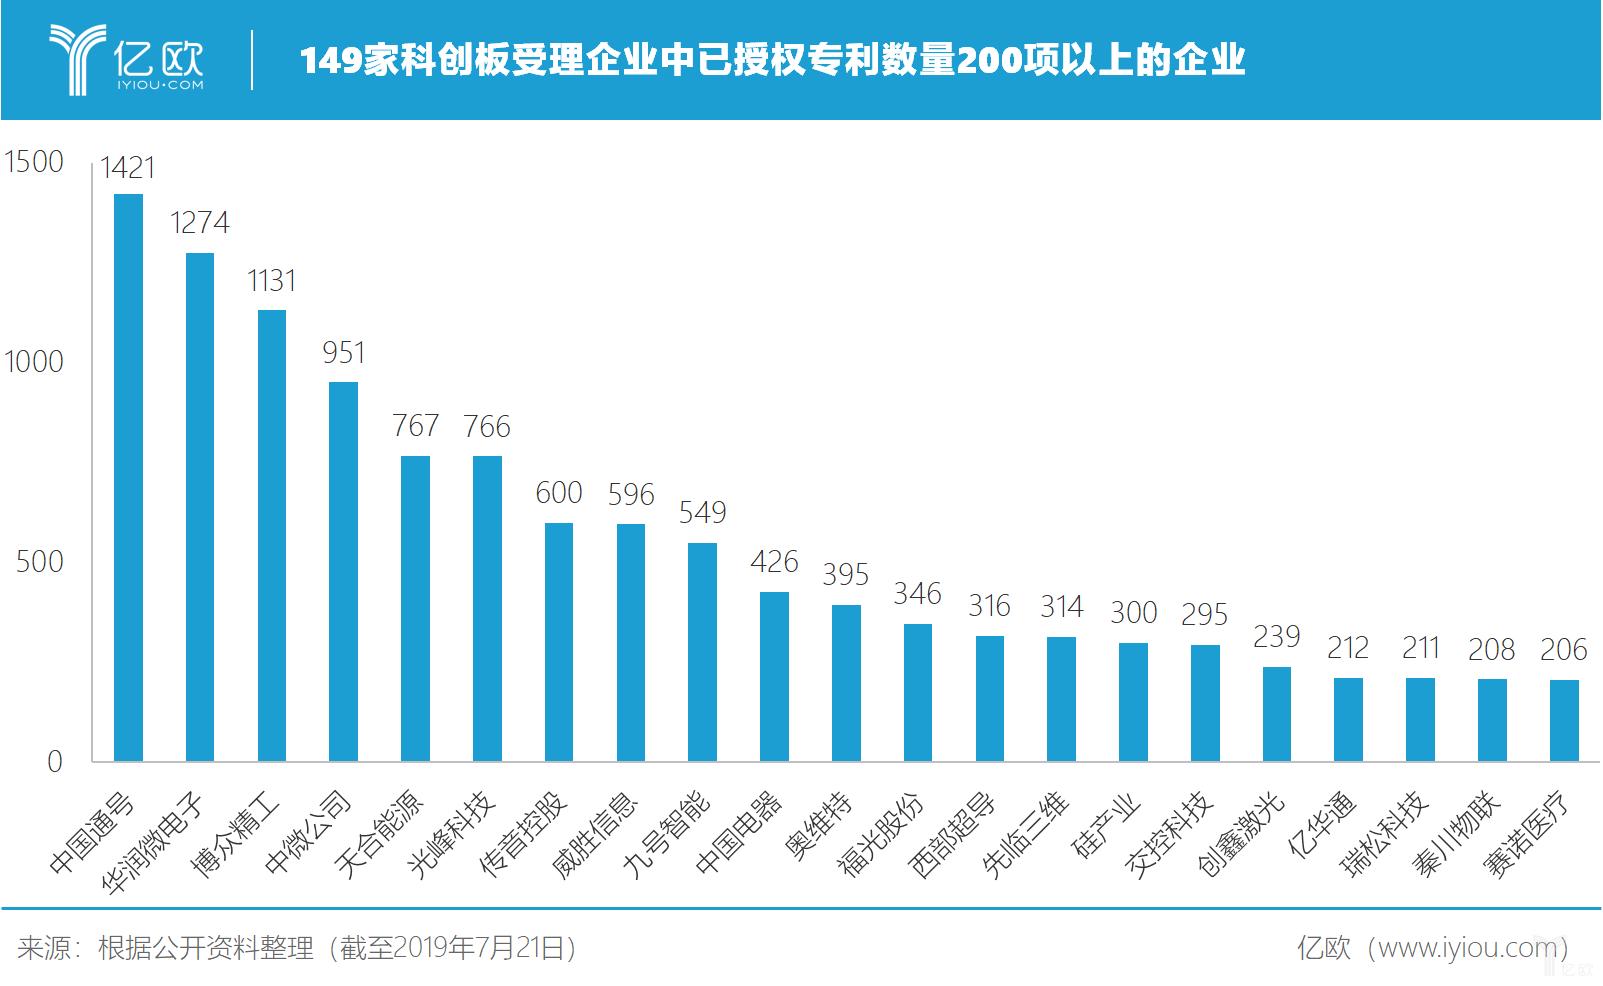 亿欧智库:149家科创板受理企业中已授权专利数量200项以上的企业